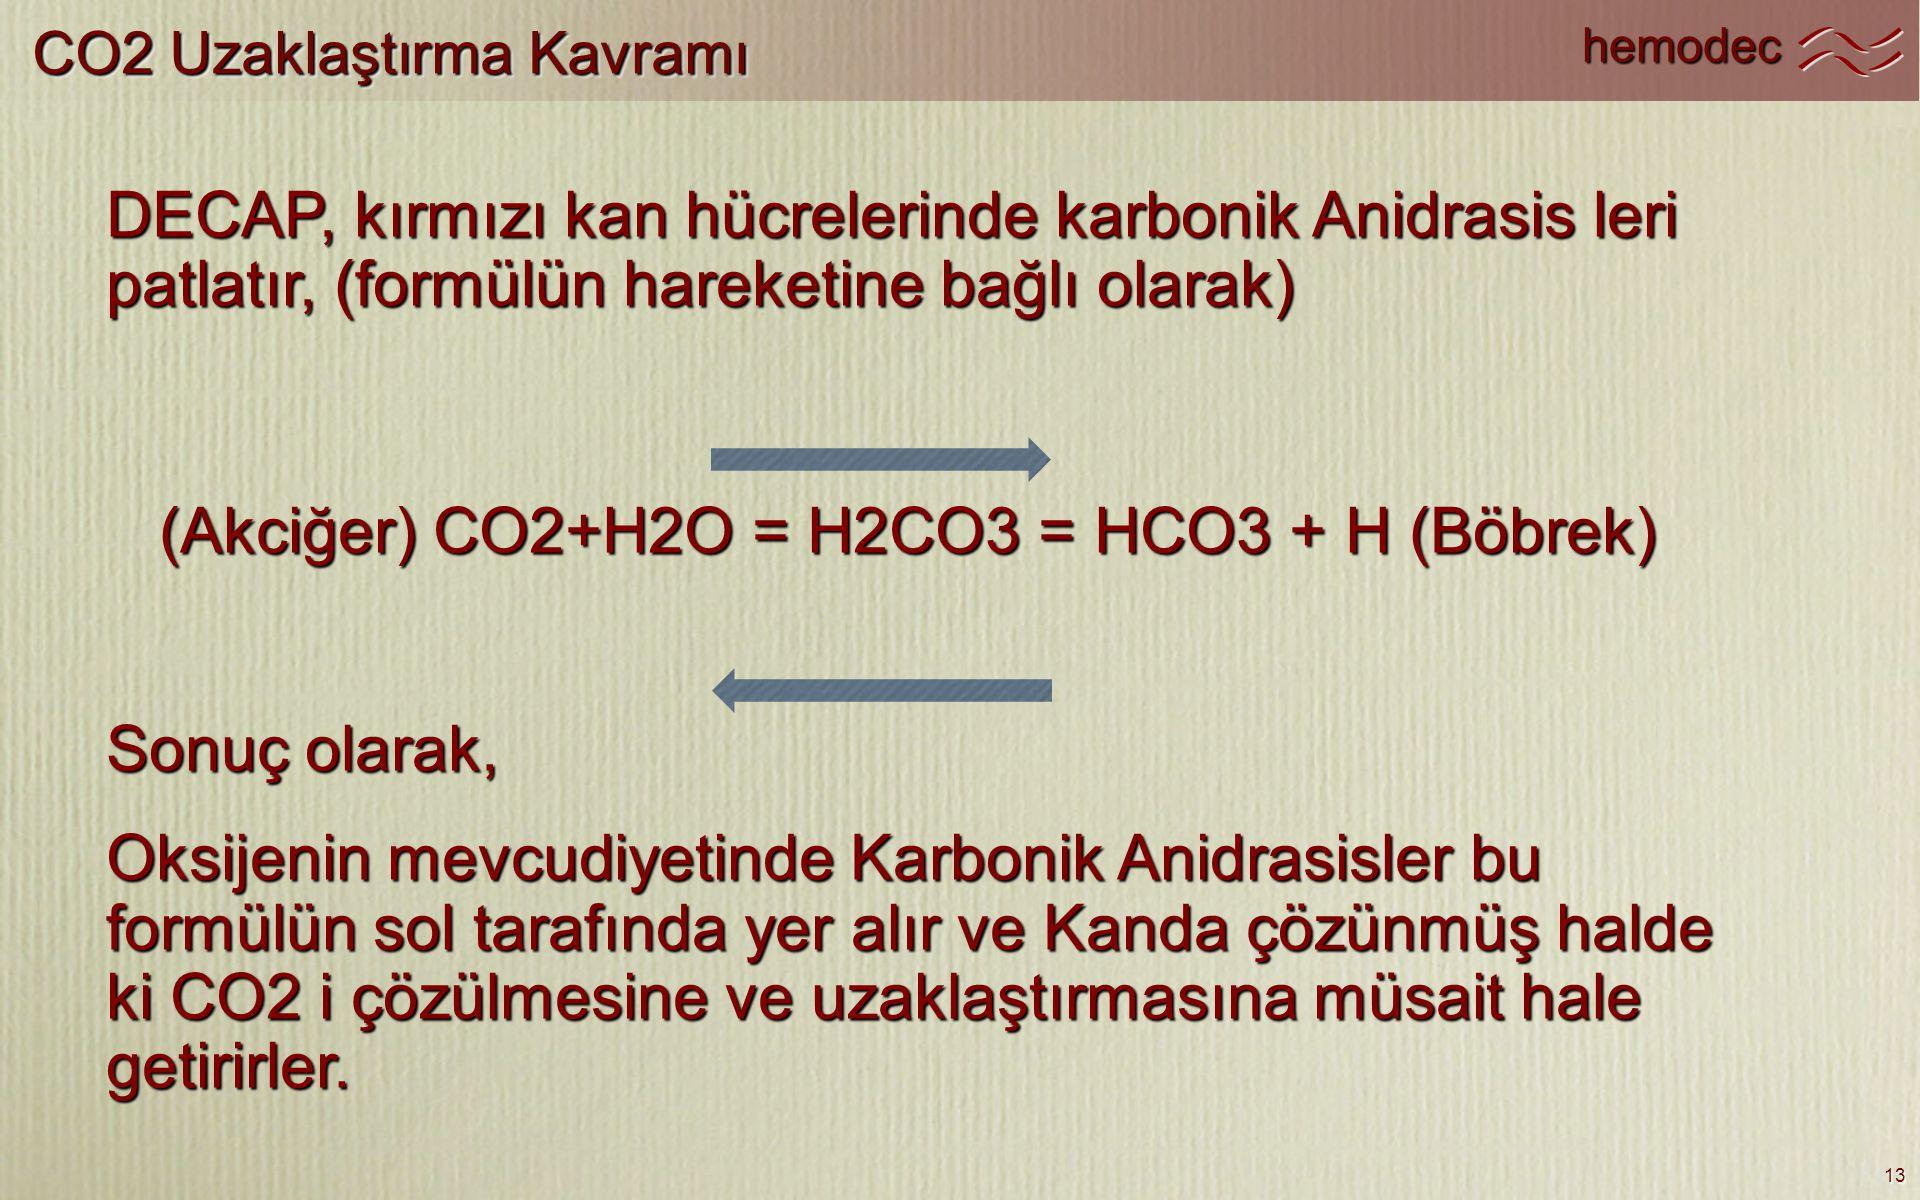 hemodec 13 CO2 Uzaklaştırma Kavramı DECAP, kırmızı kan hücrelerinde karbonik Anidrasis leri patlatır, (formülün hareketine bağlı olarak) DECAP, kırmız